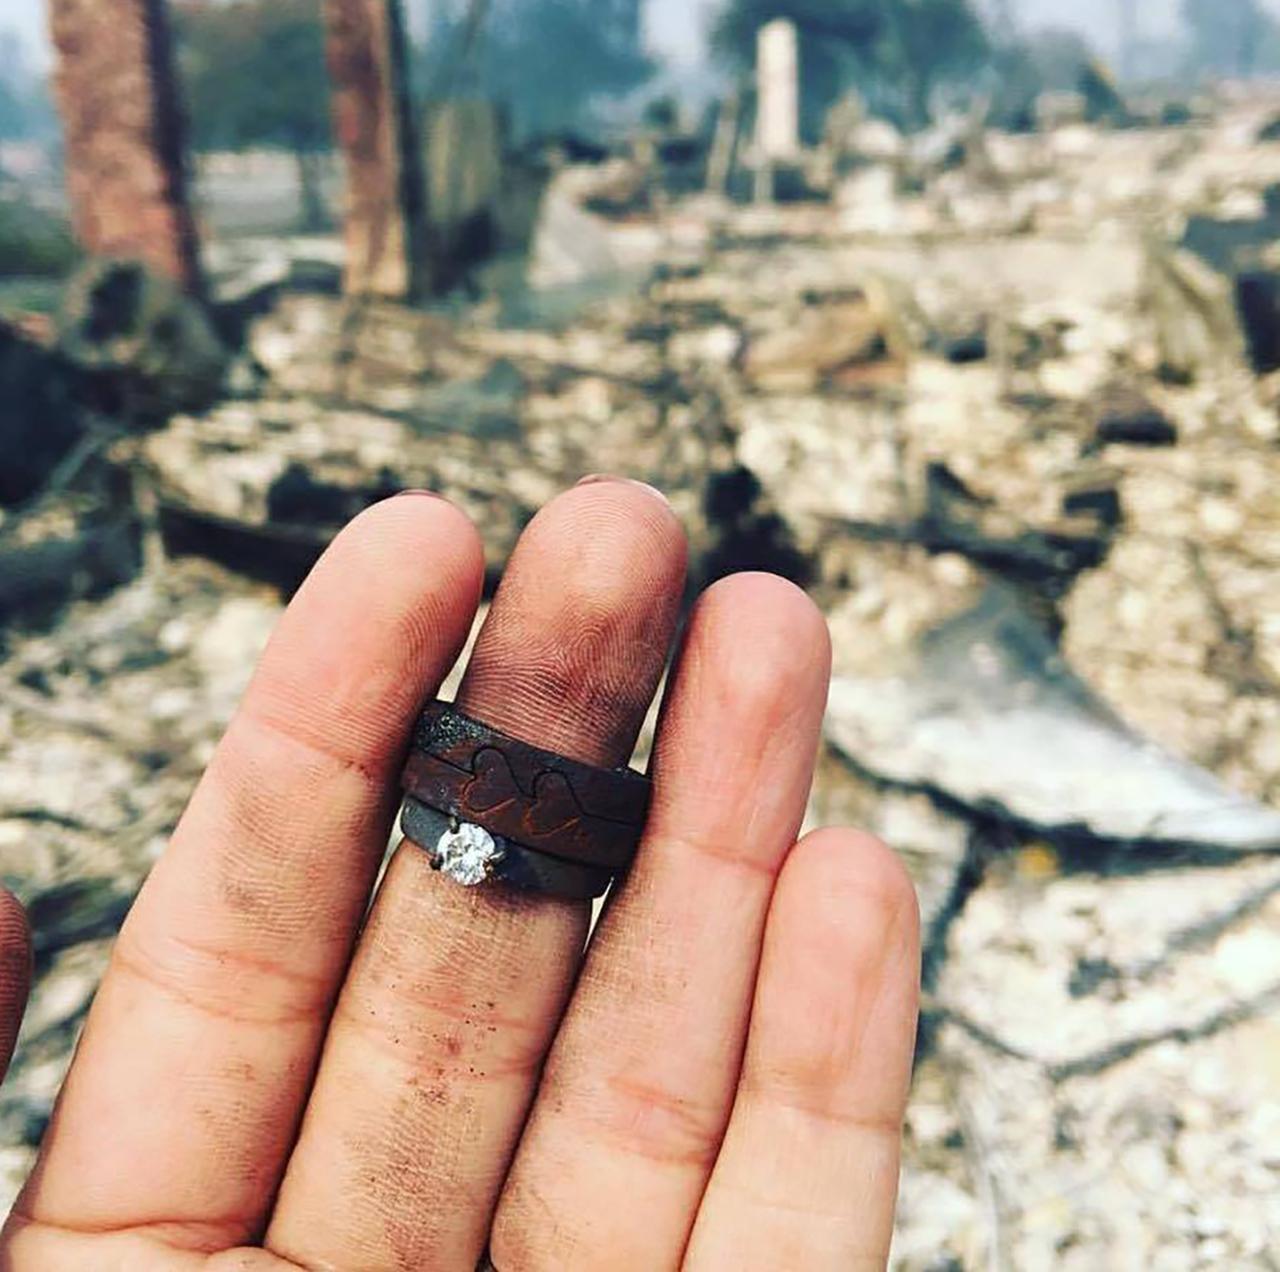 큰불로 잿더미 된 집에서 찾아낸 아내의 약혼반지